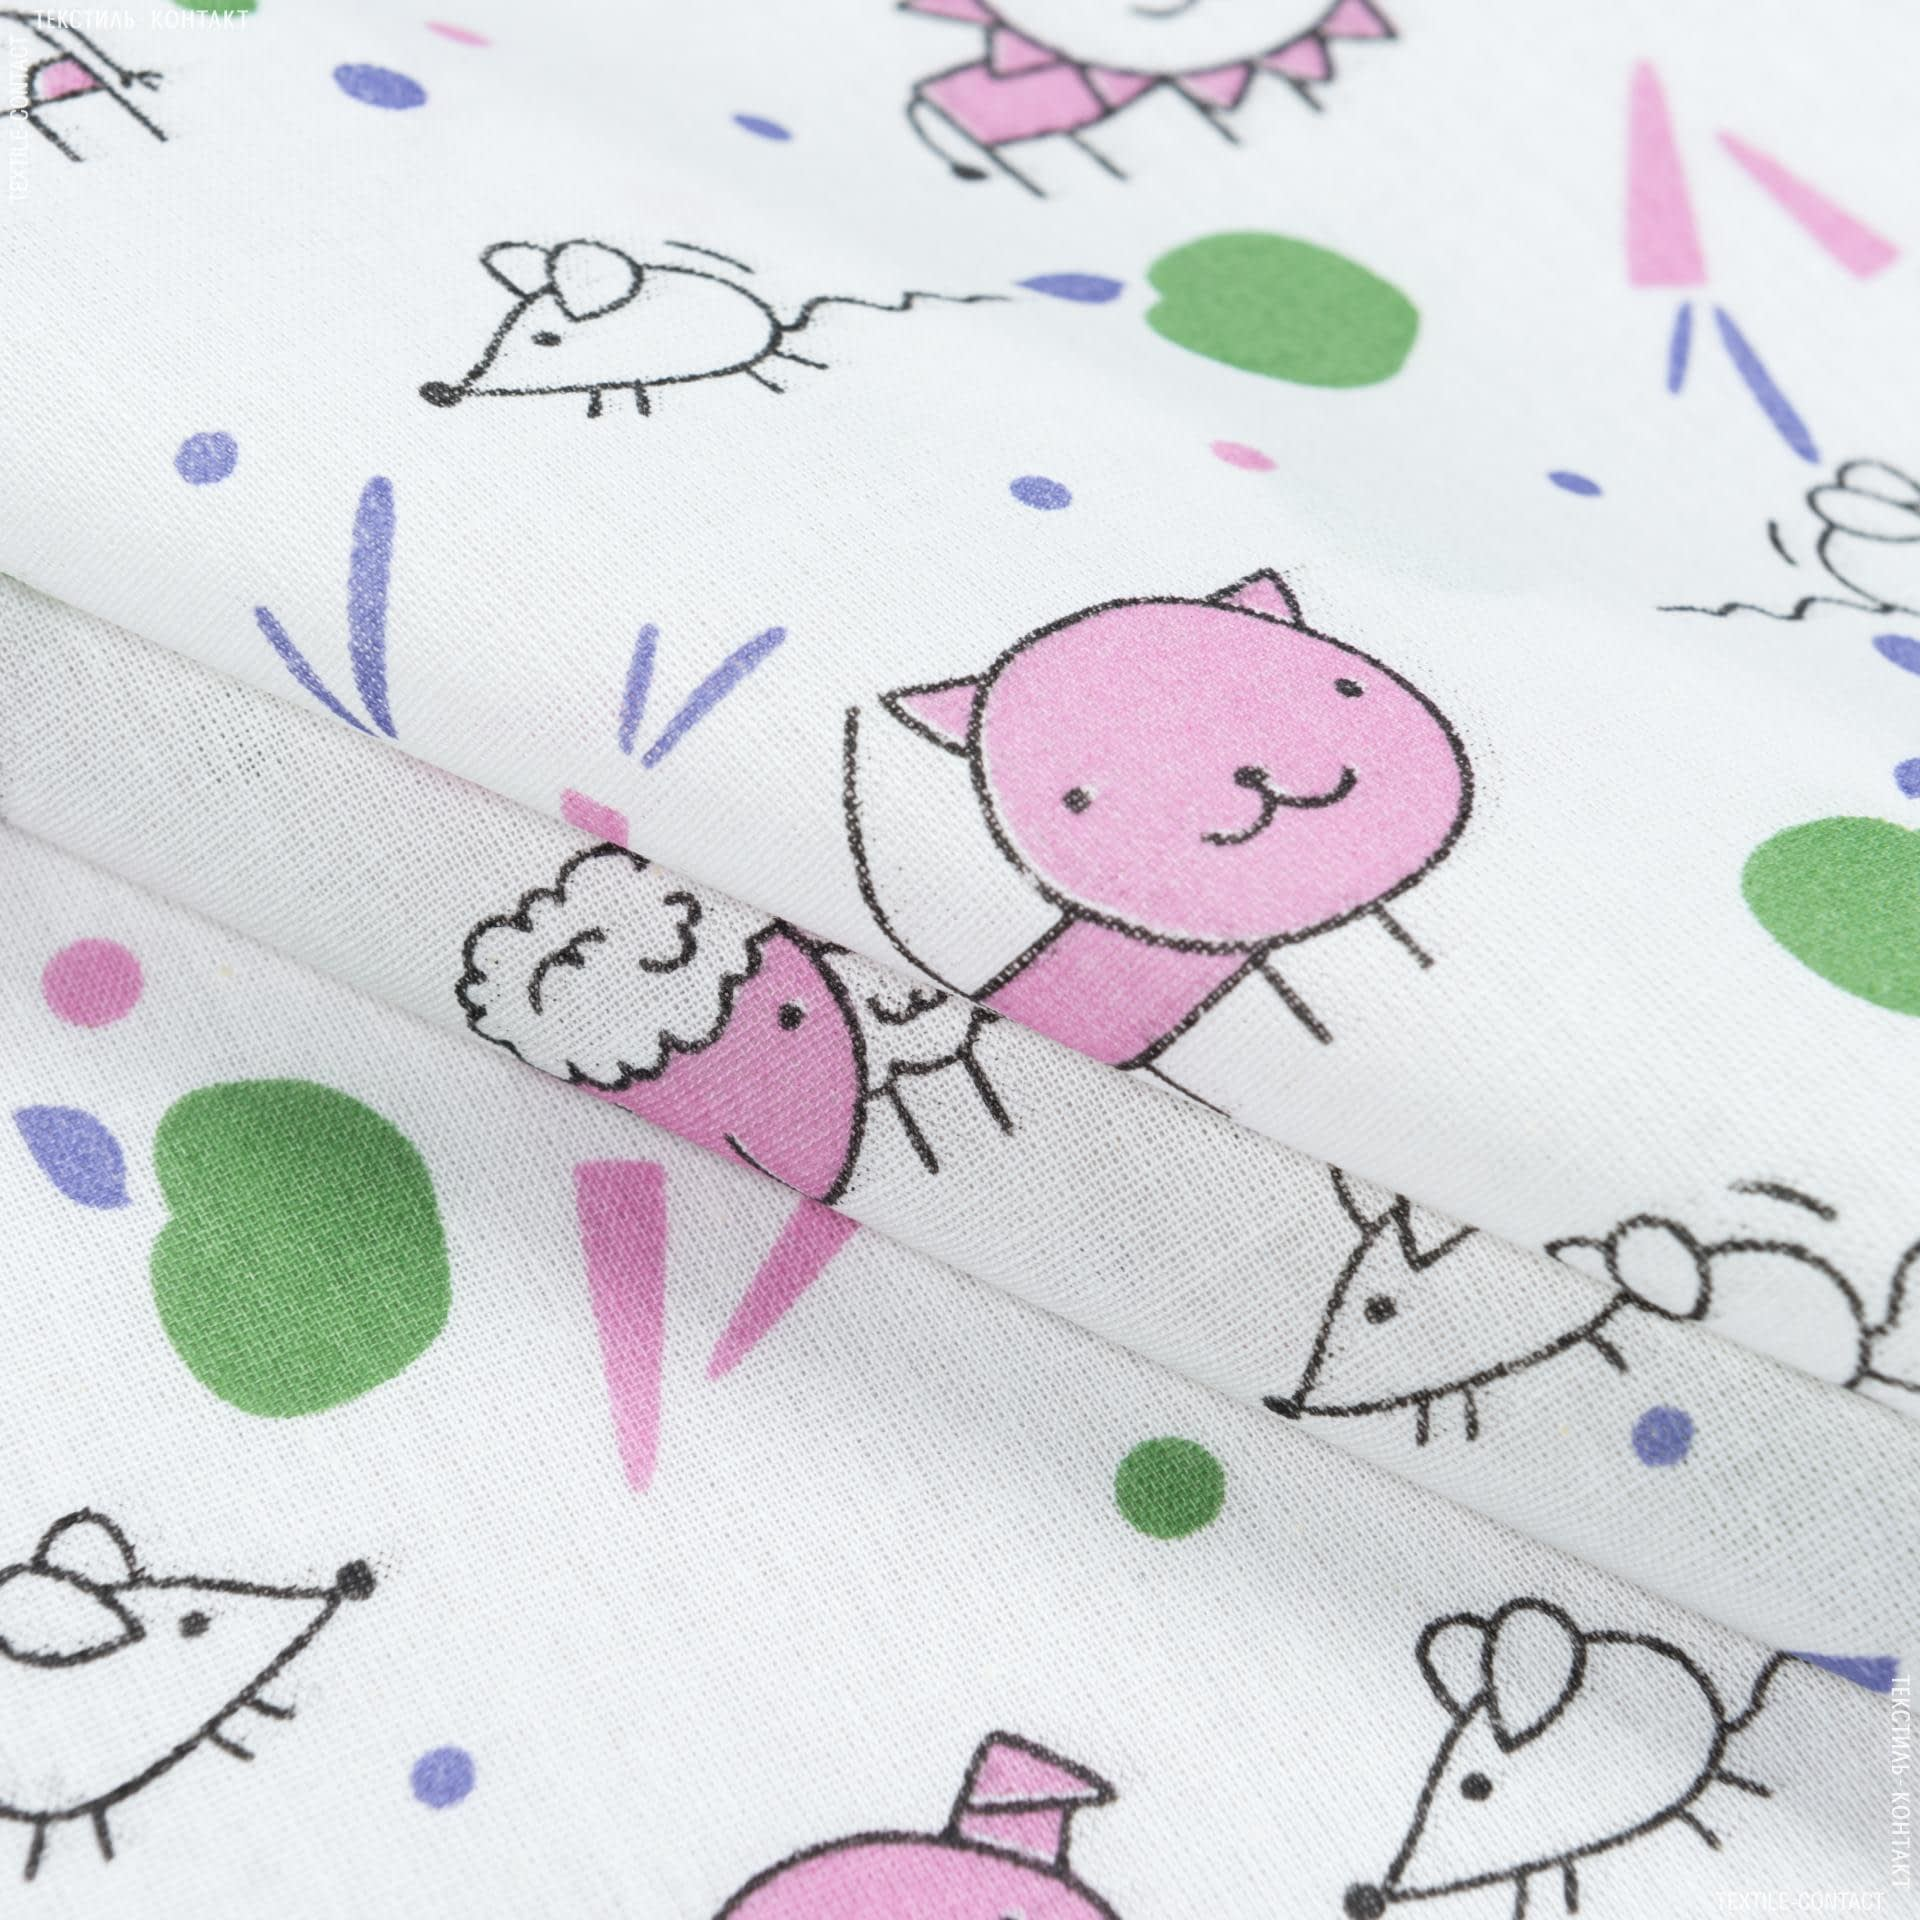 Ткани для детской одежды - Ситец ткч детский